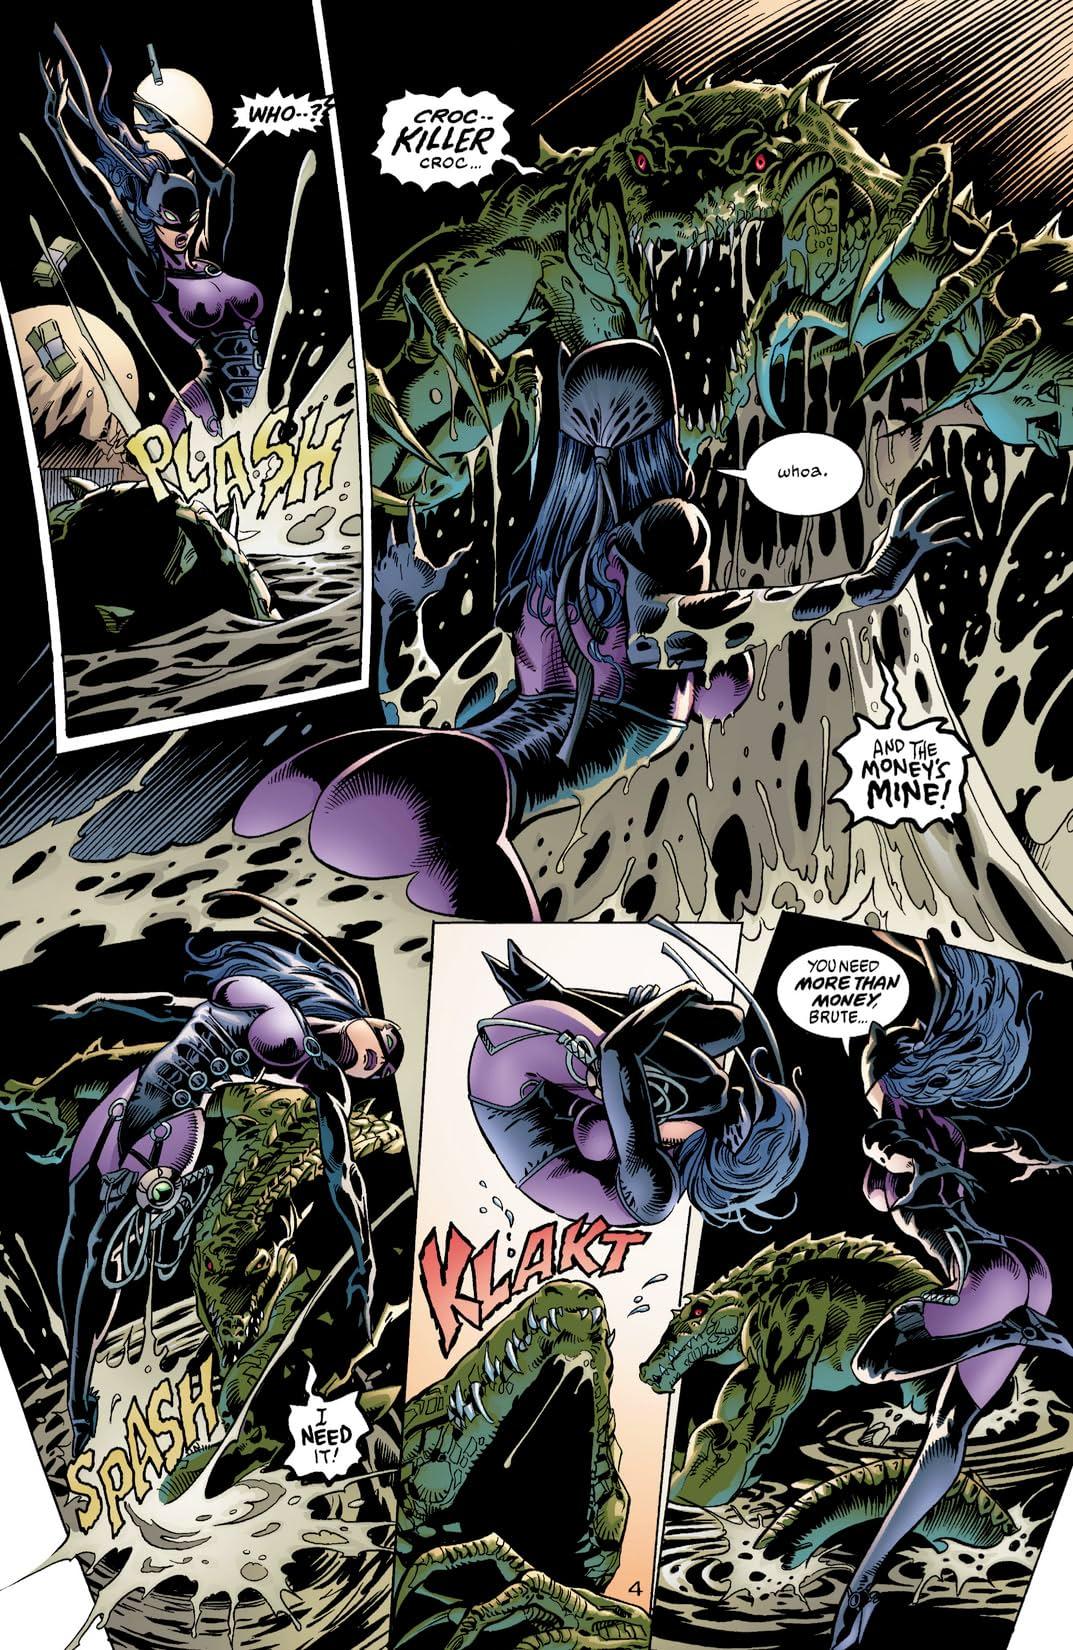 DC Comics Presents: Catwoman - Guardian of Gotham #1